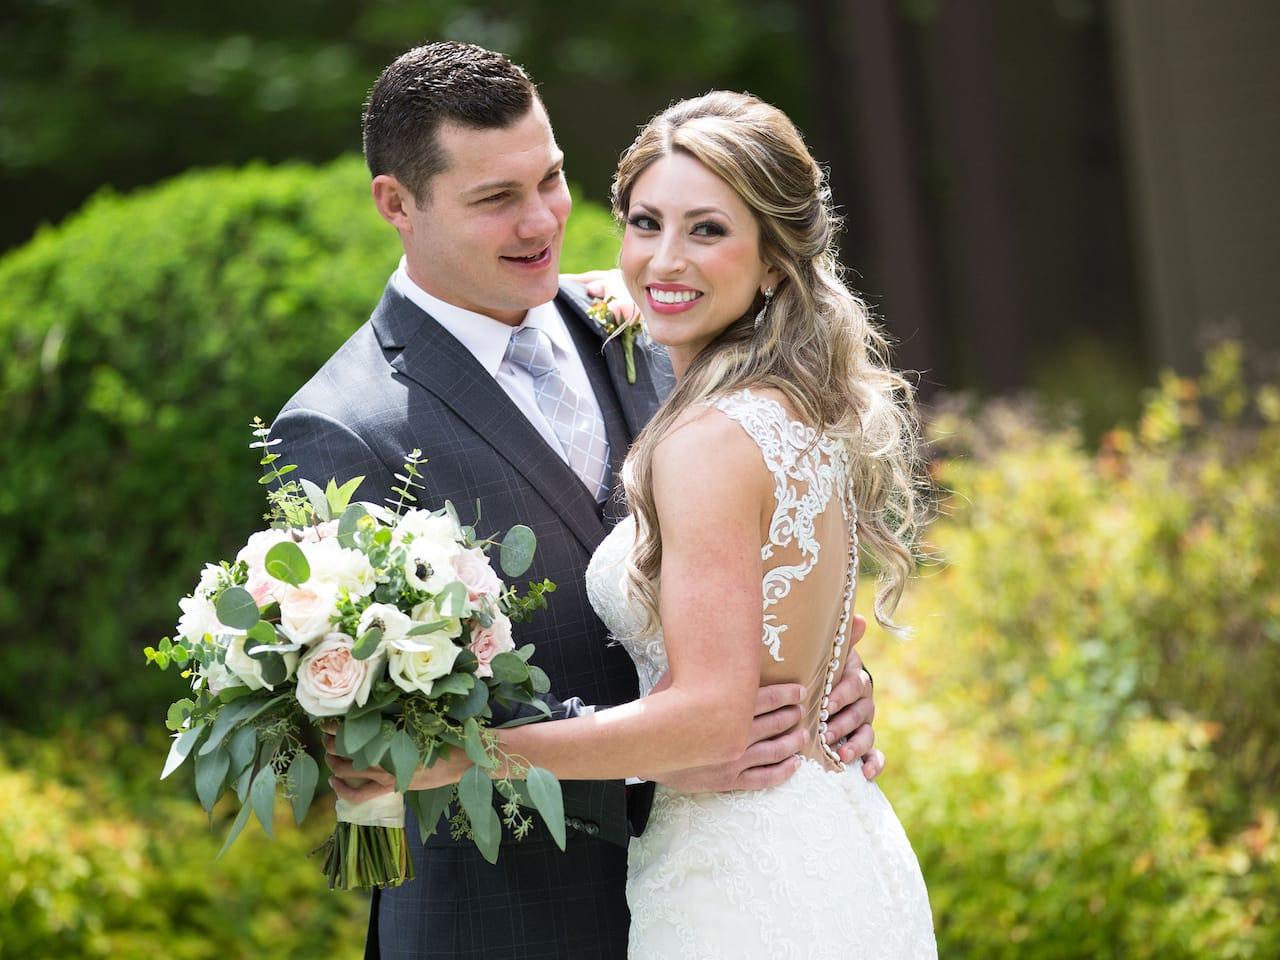 Wedding Bride and Groom Hyatt Regency Lake Tahoe Resort, Spa & Casino